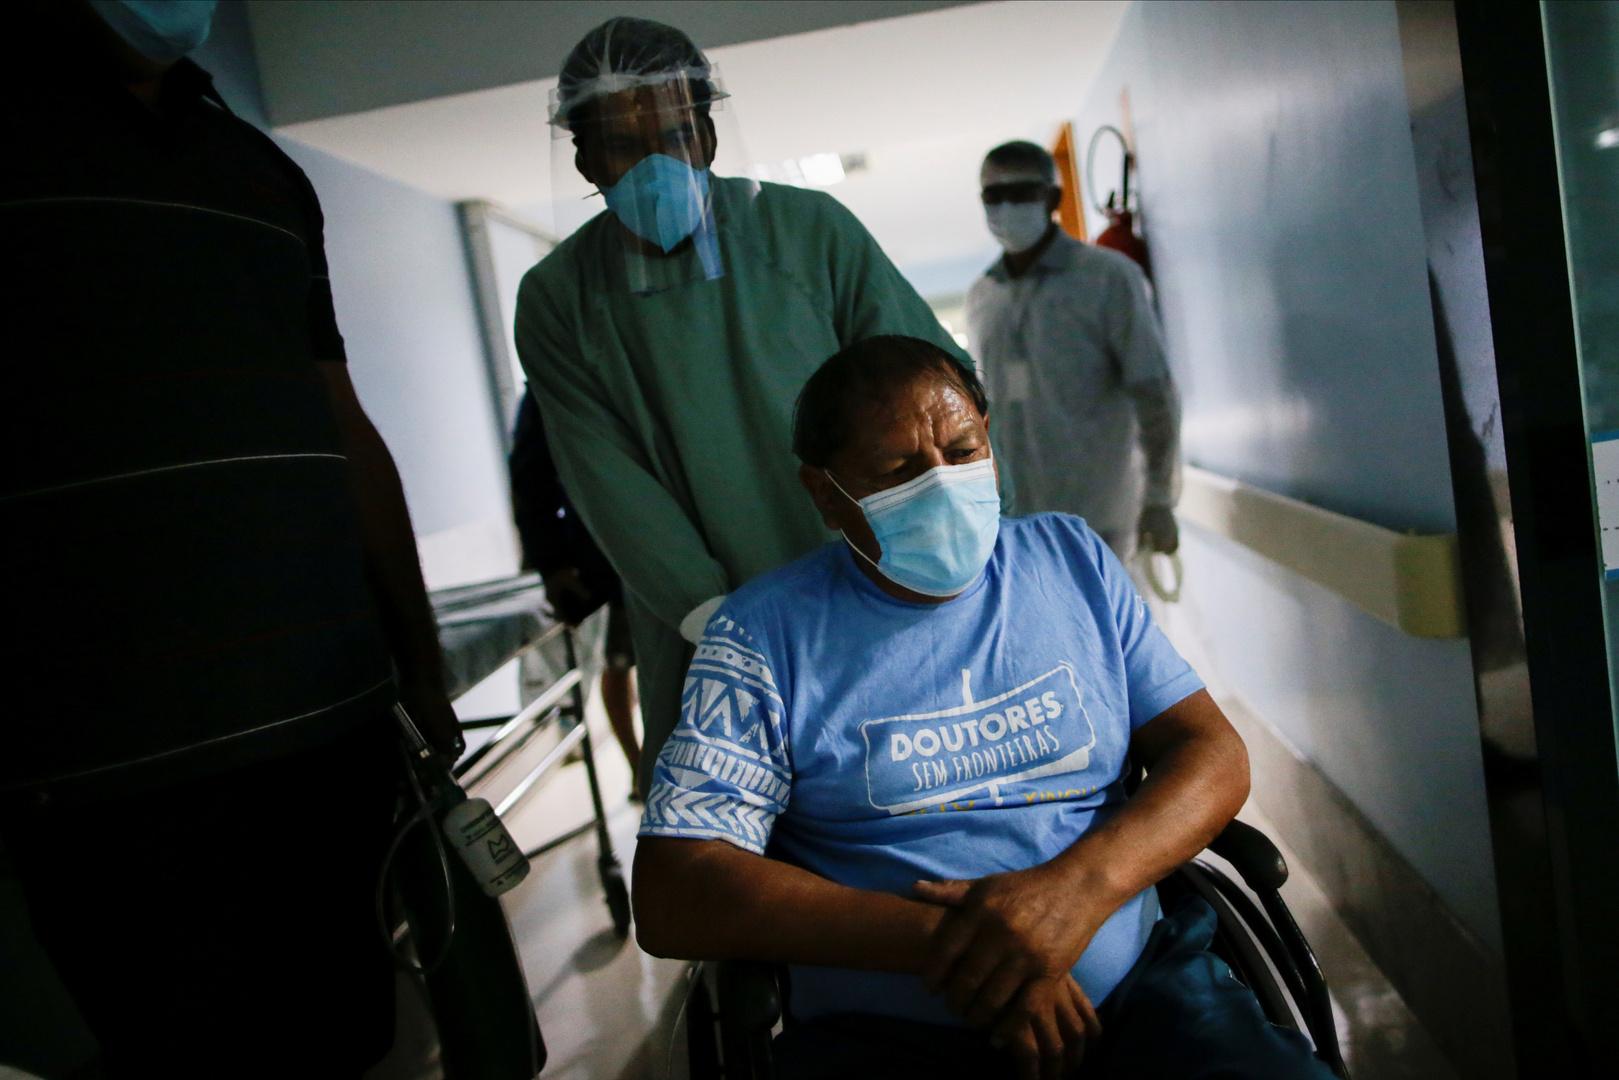 رويترز: عدد إصابات كورونا في أمريكا اللاتينية يتجاوز 4 ملايين